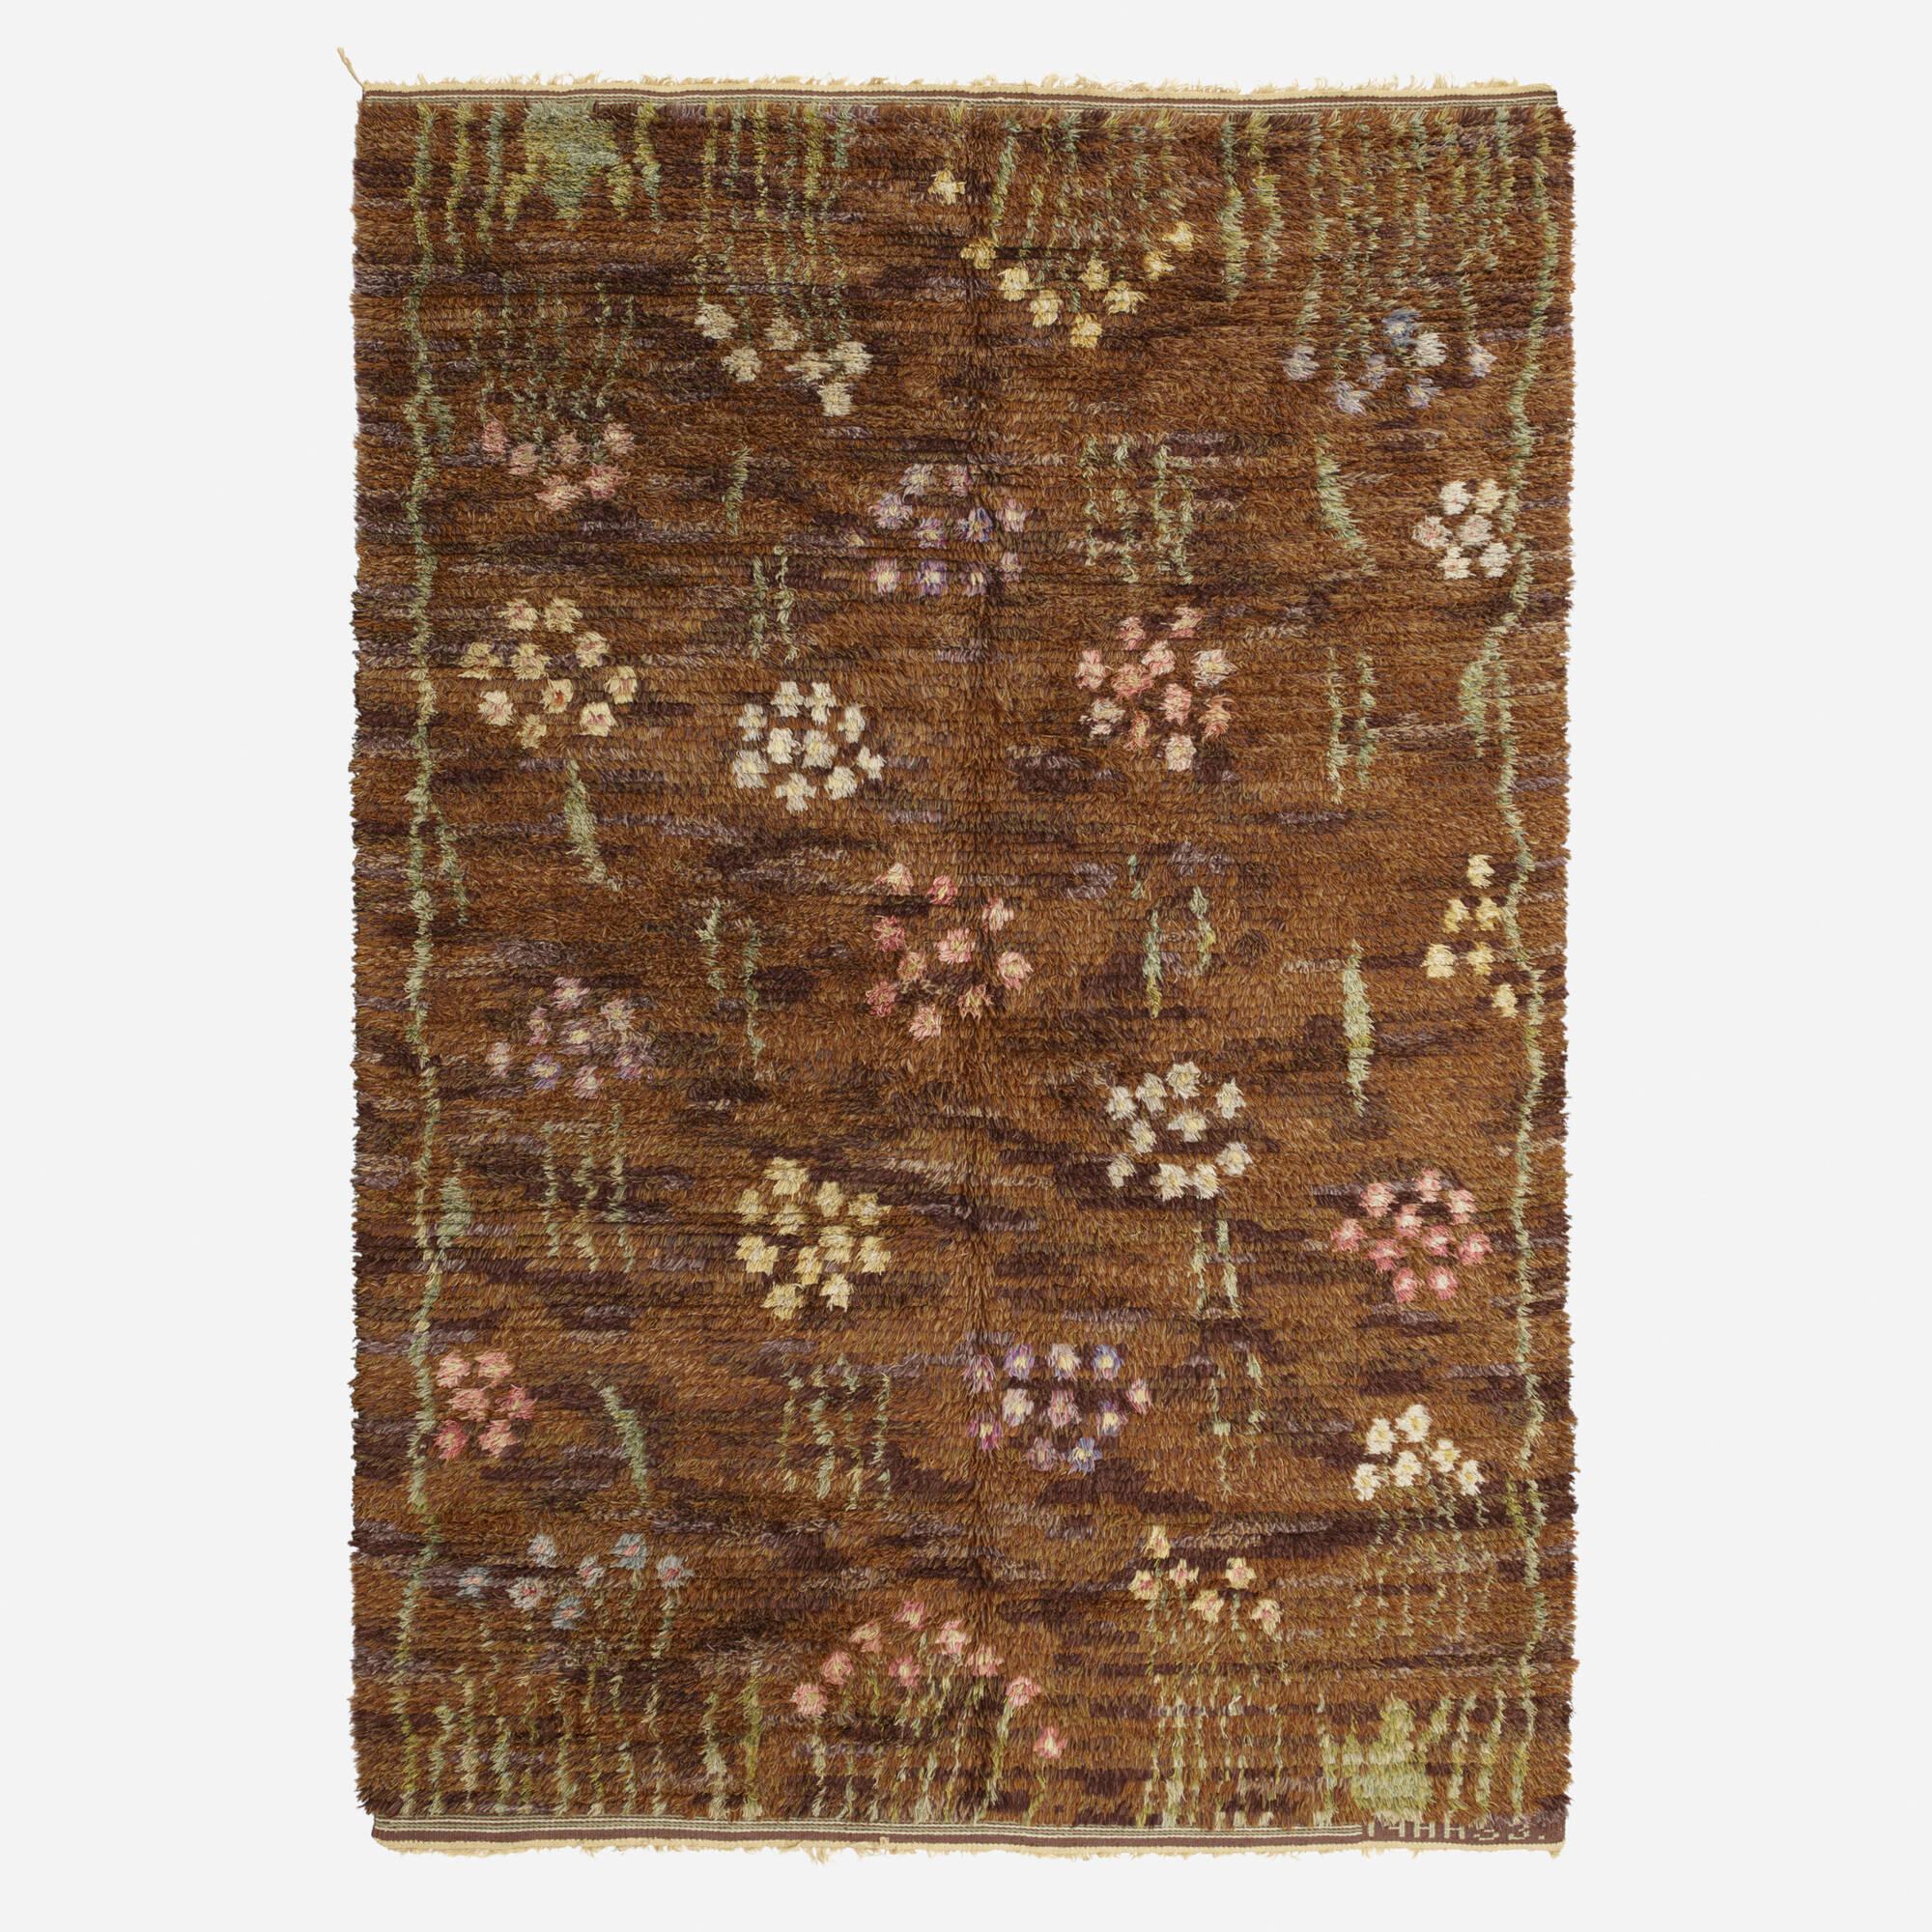 315: Helge Hamnert / pile carpet (1 of 2)